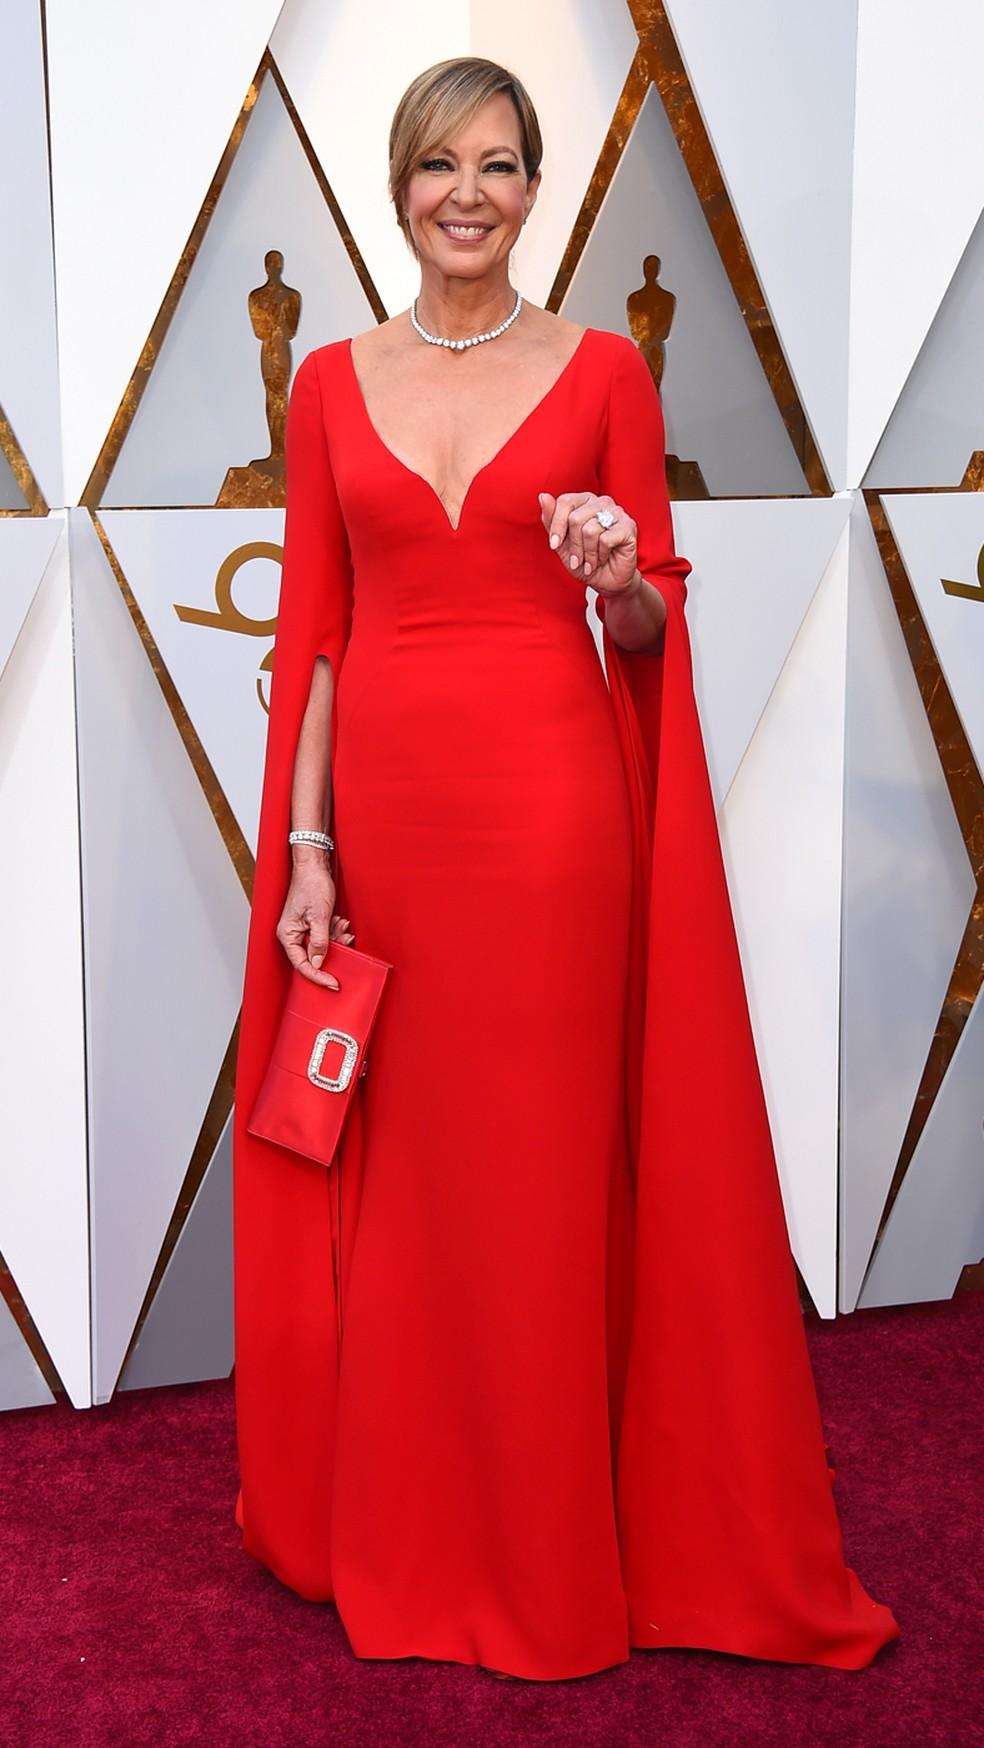 Allison Janney, indicada ao prêmio de Melhor Atriz Coadjuvante por 'Eu, Tonya', chega ao Oscar 2018 (Foto: Jordan Strauss/Invision/AP)